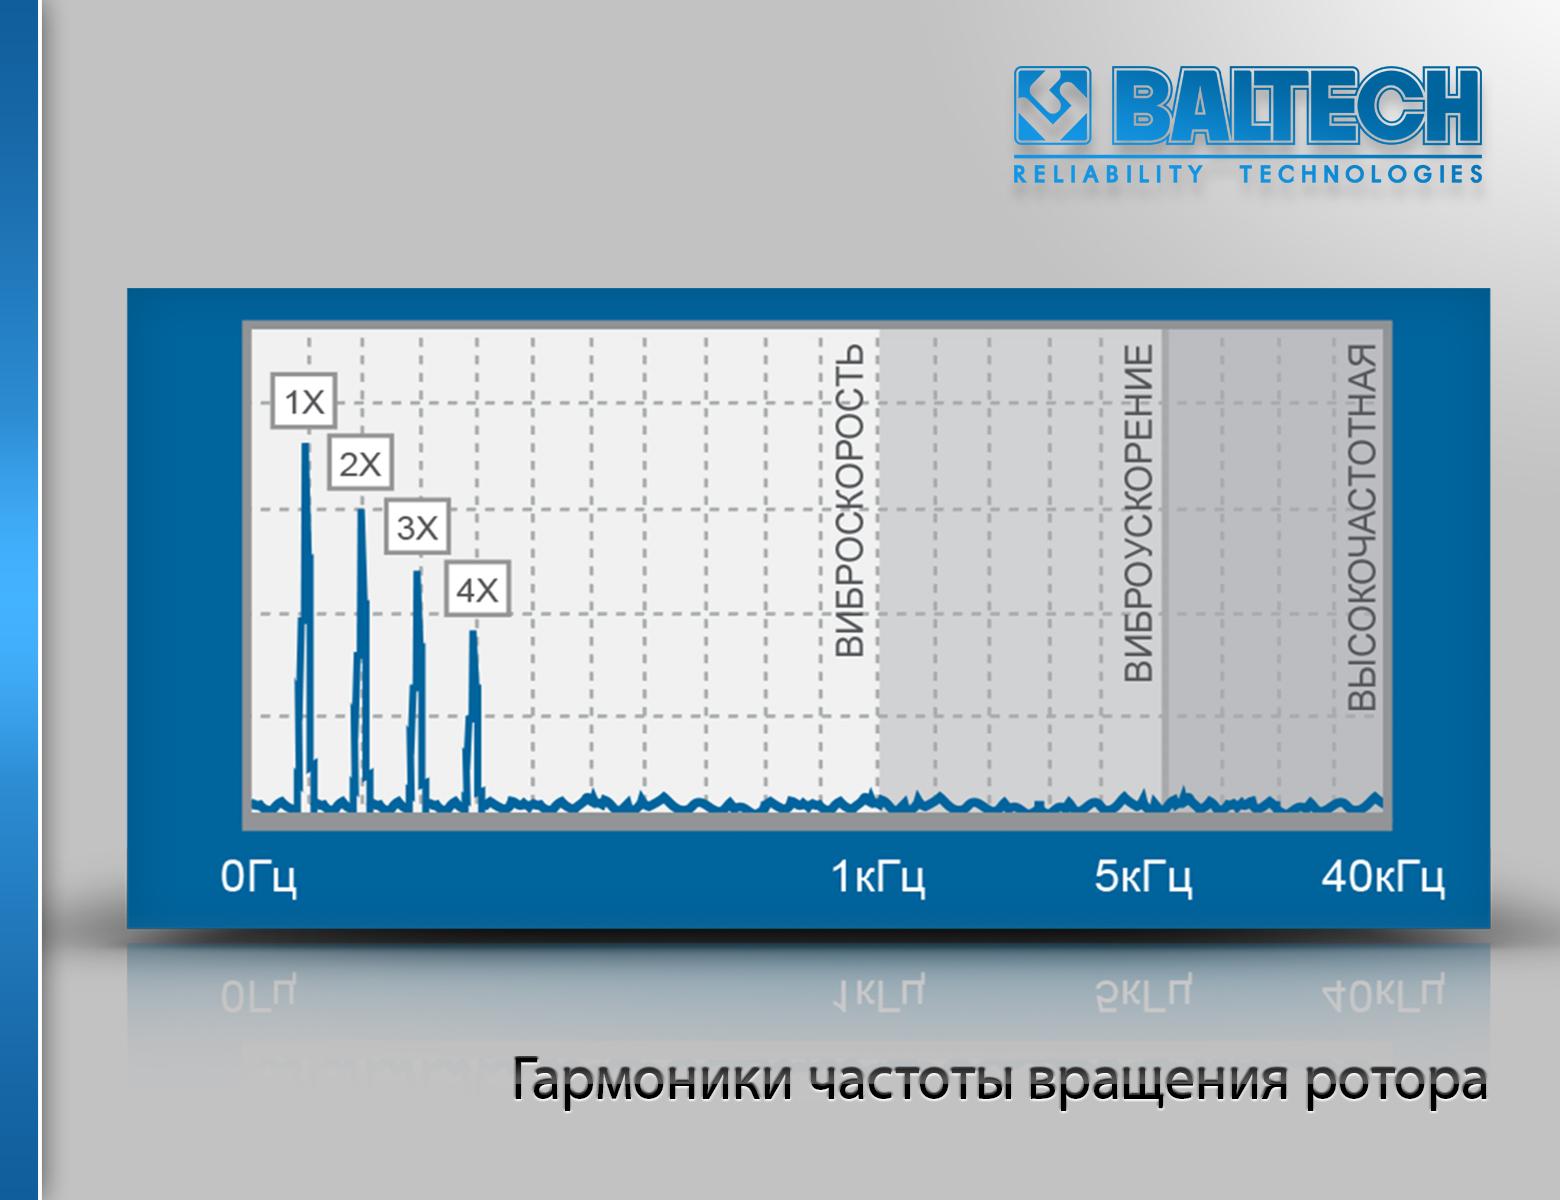 Гармоники частоты вращения ротора, методы спектрального анализа, вибродиагностика машин, практическая вибродиагностика